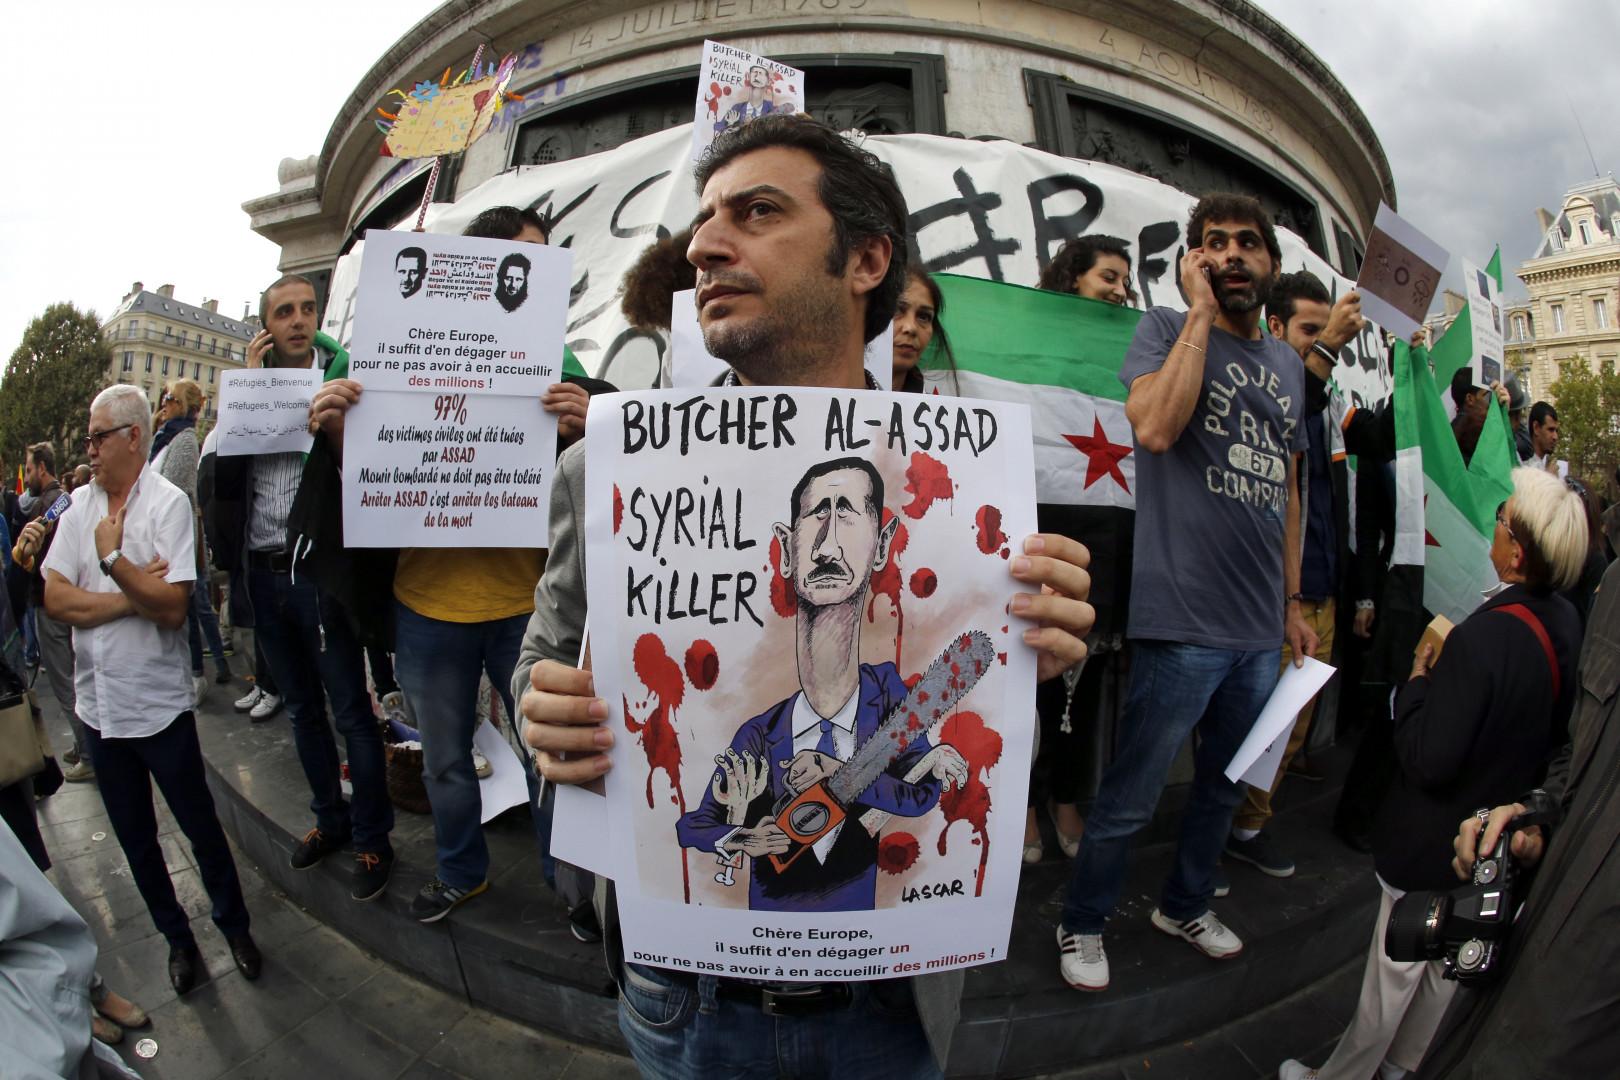 """""""Bashar al-Assad, Syrial Killer"""", peut-on lire sur cette pancarte"""